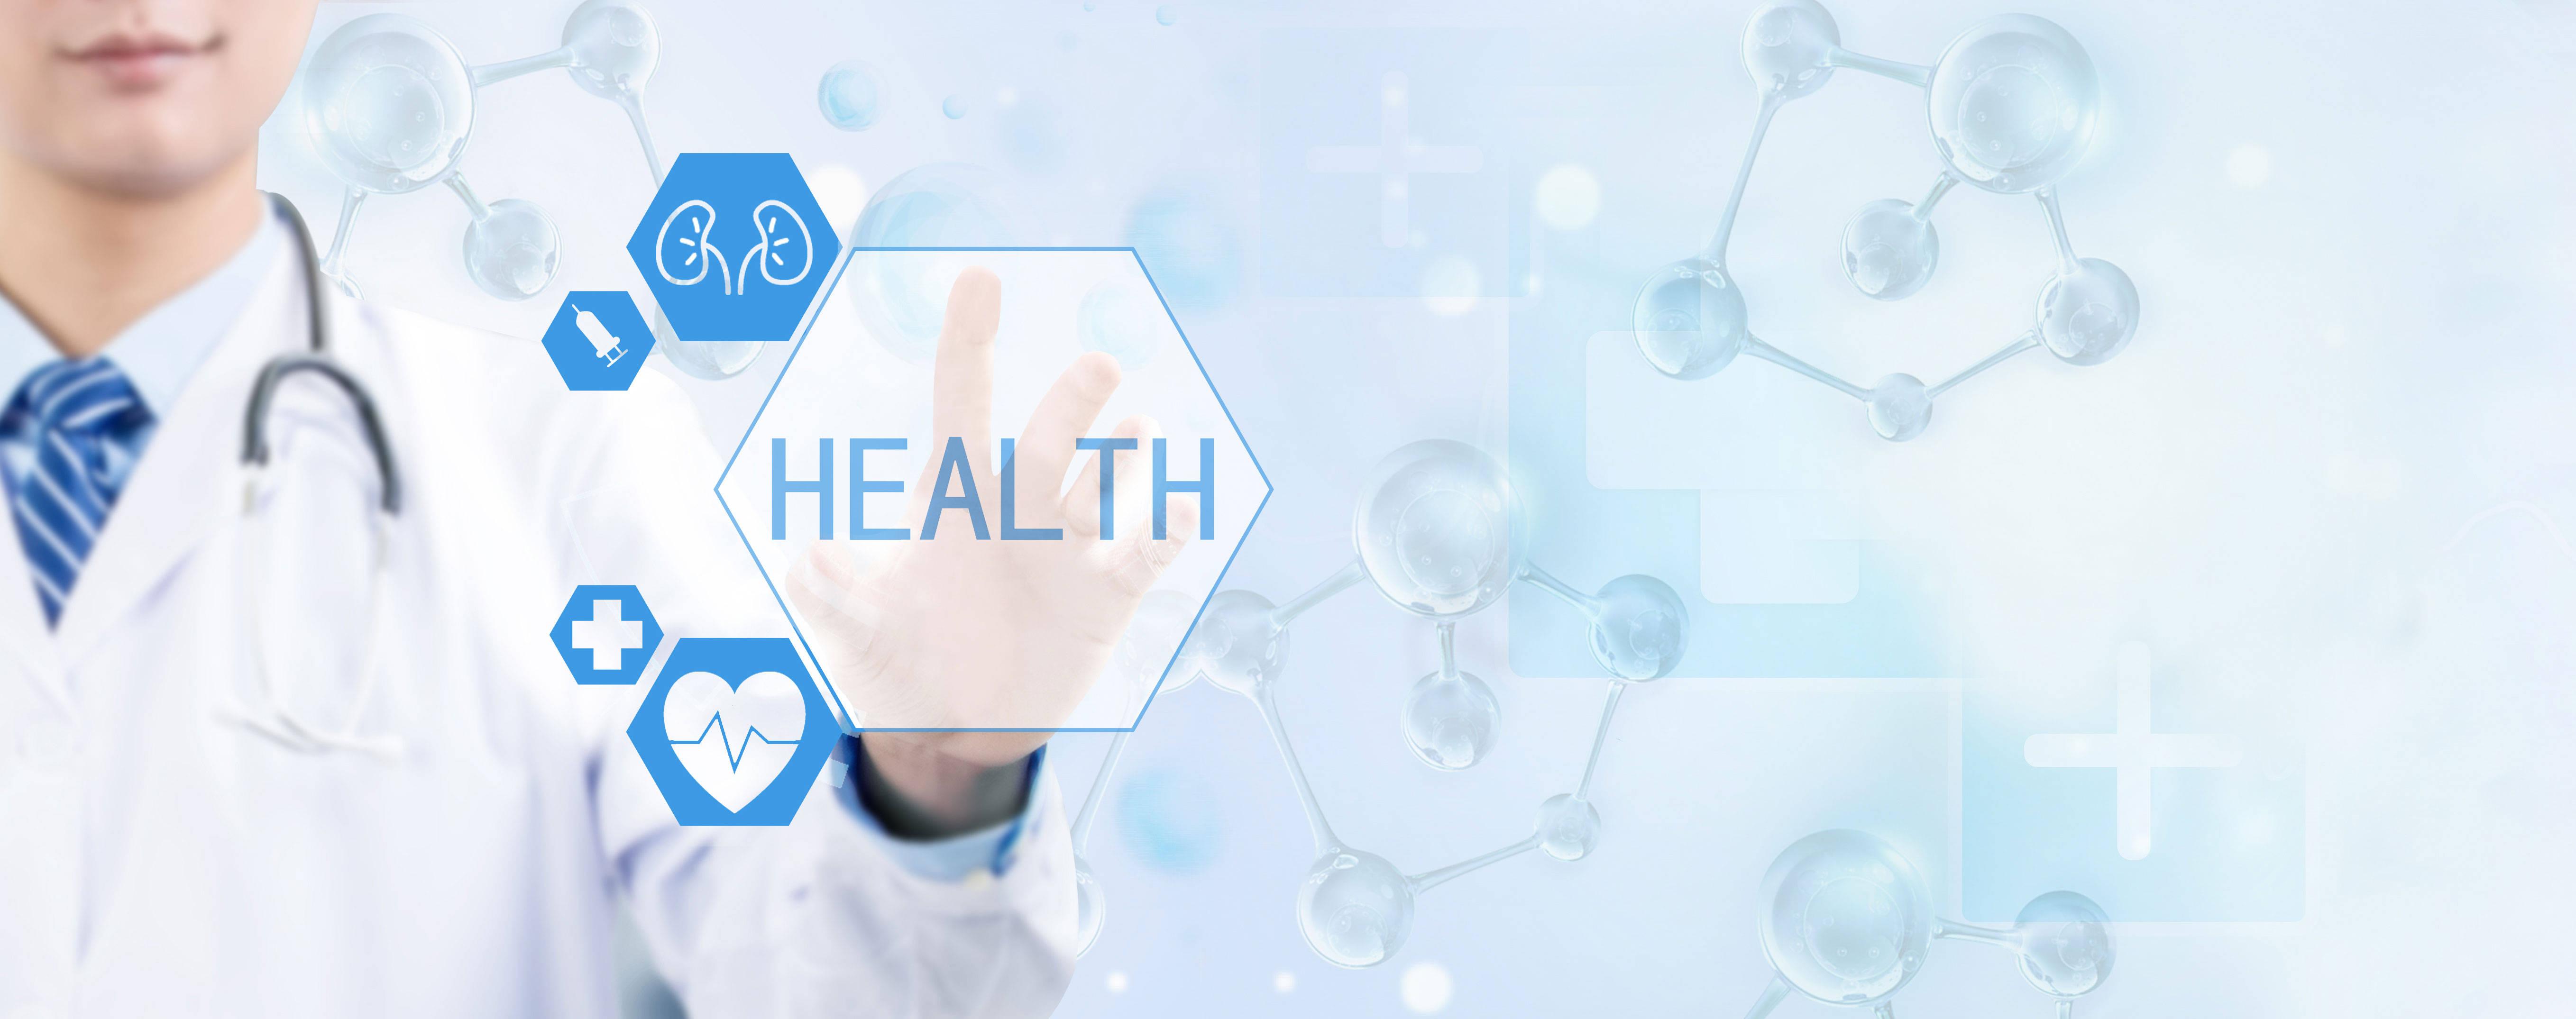 科技让医疗更温暖  合利宝专注移动支付推进社区康复中心